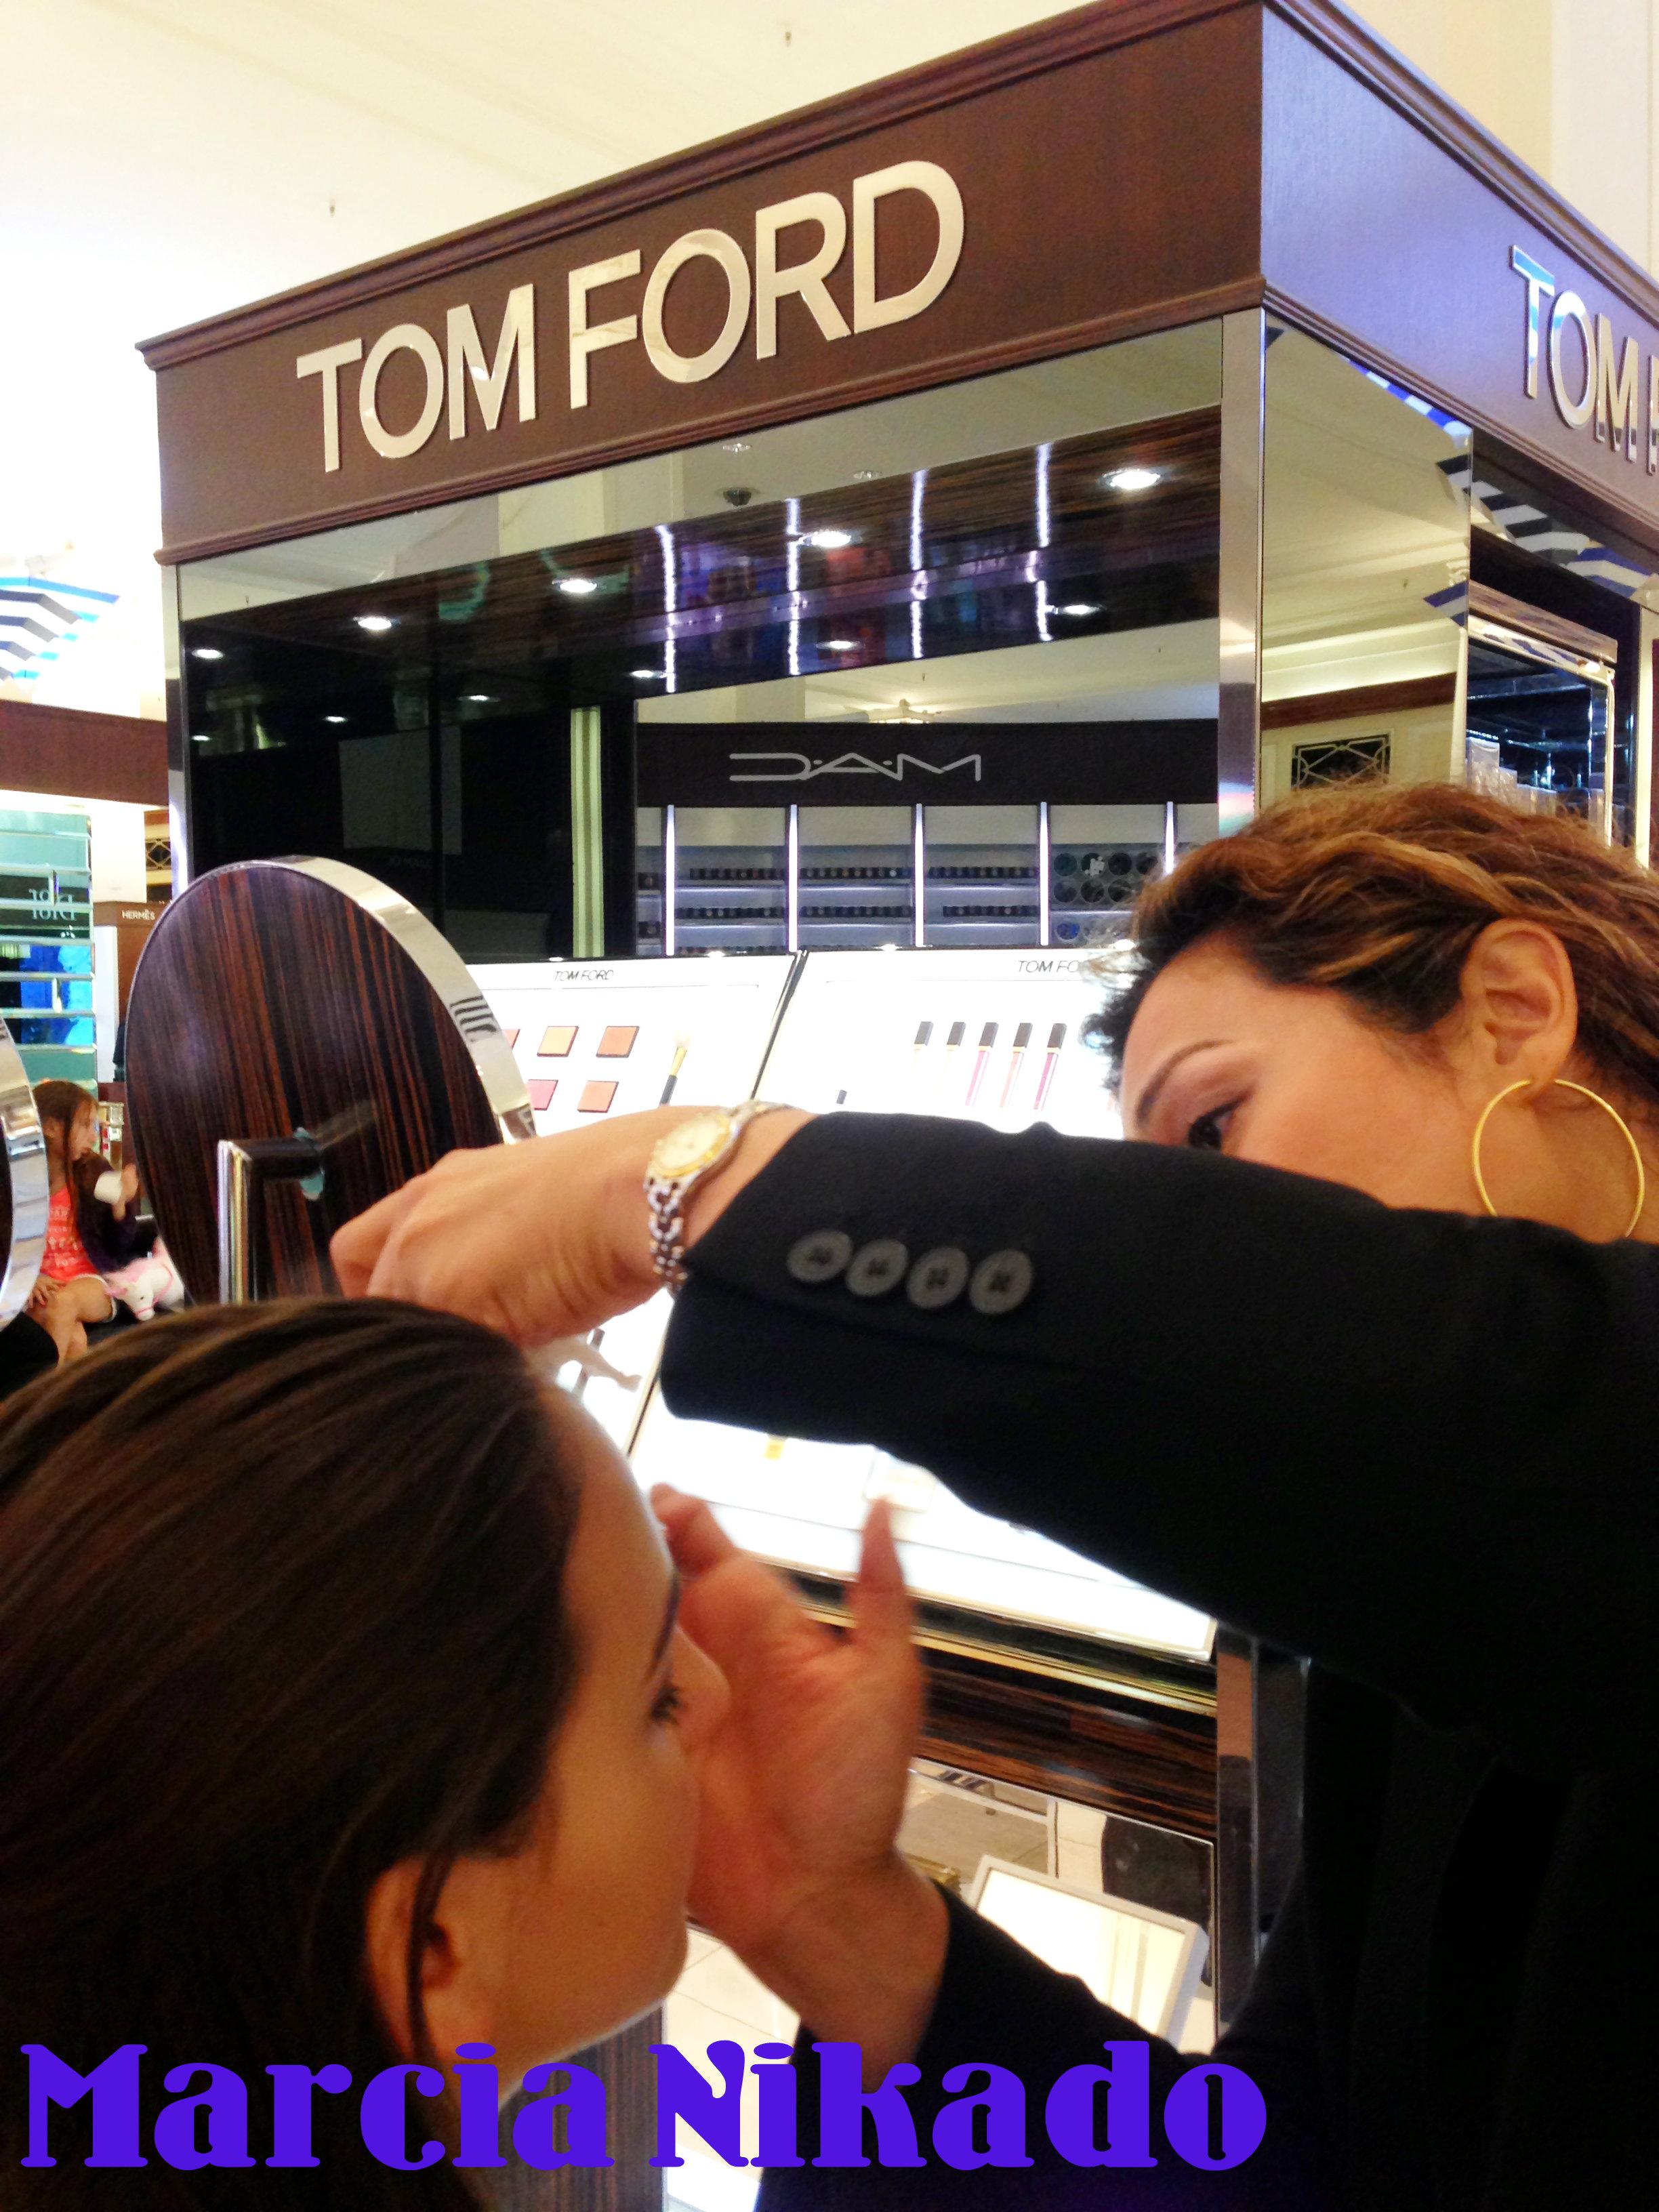 b6ba5f4c31c17 Aqui, alguns produtos da linha de maquiagem TOM FORD que eu adquiri,  gostaria de levar muito mais, mas o preço é um impedimento.